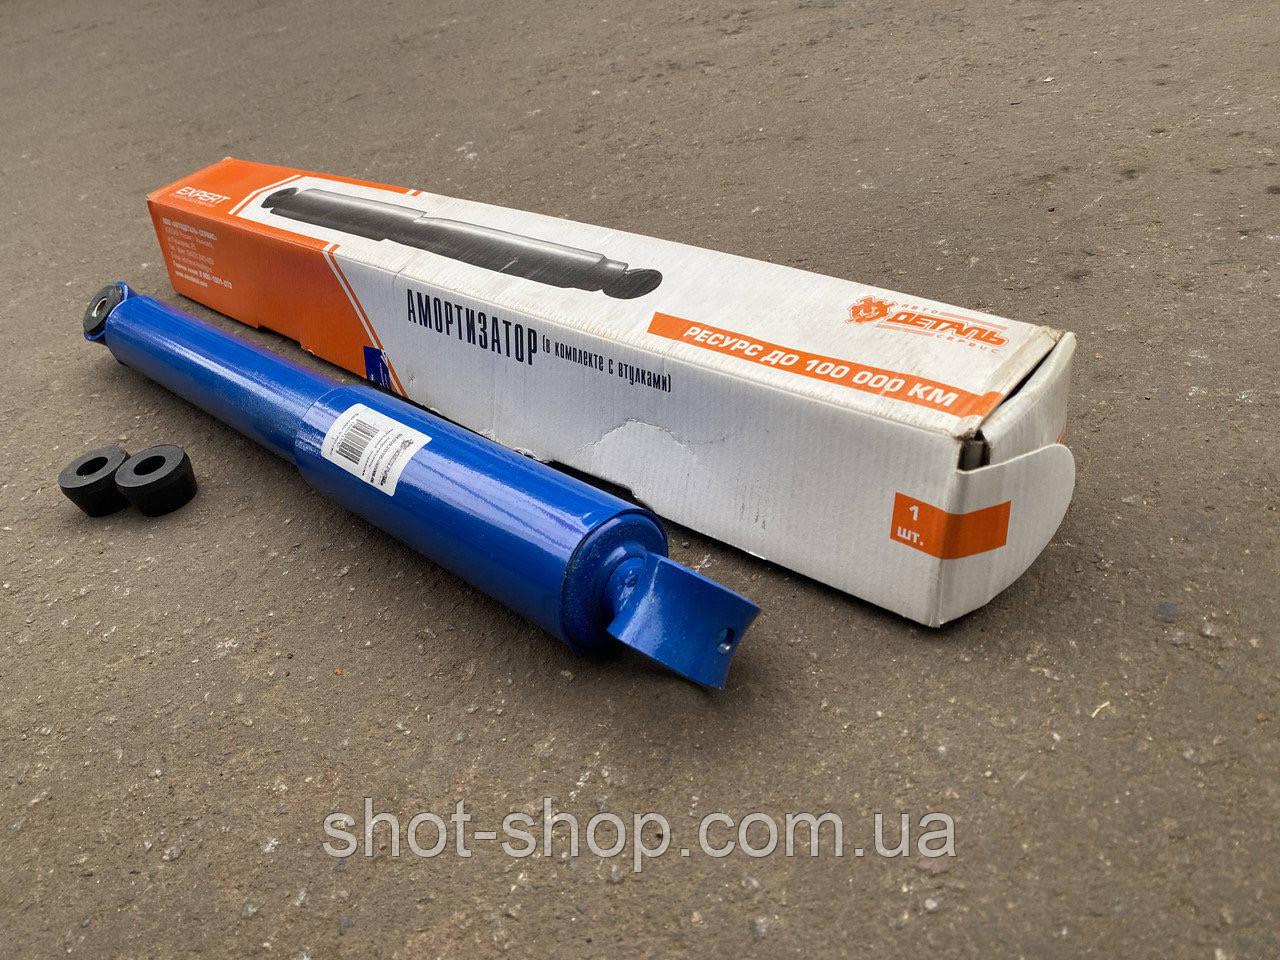 Амортизатор передній пружинної підвіски УАЗ 31519 Хантер